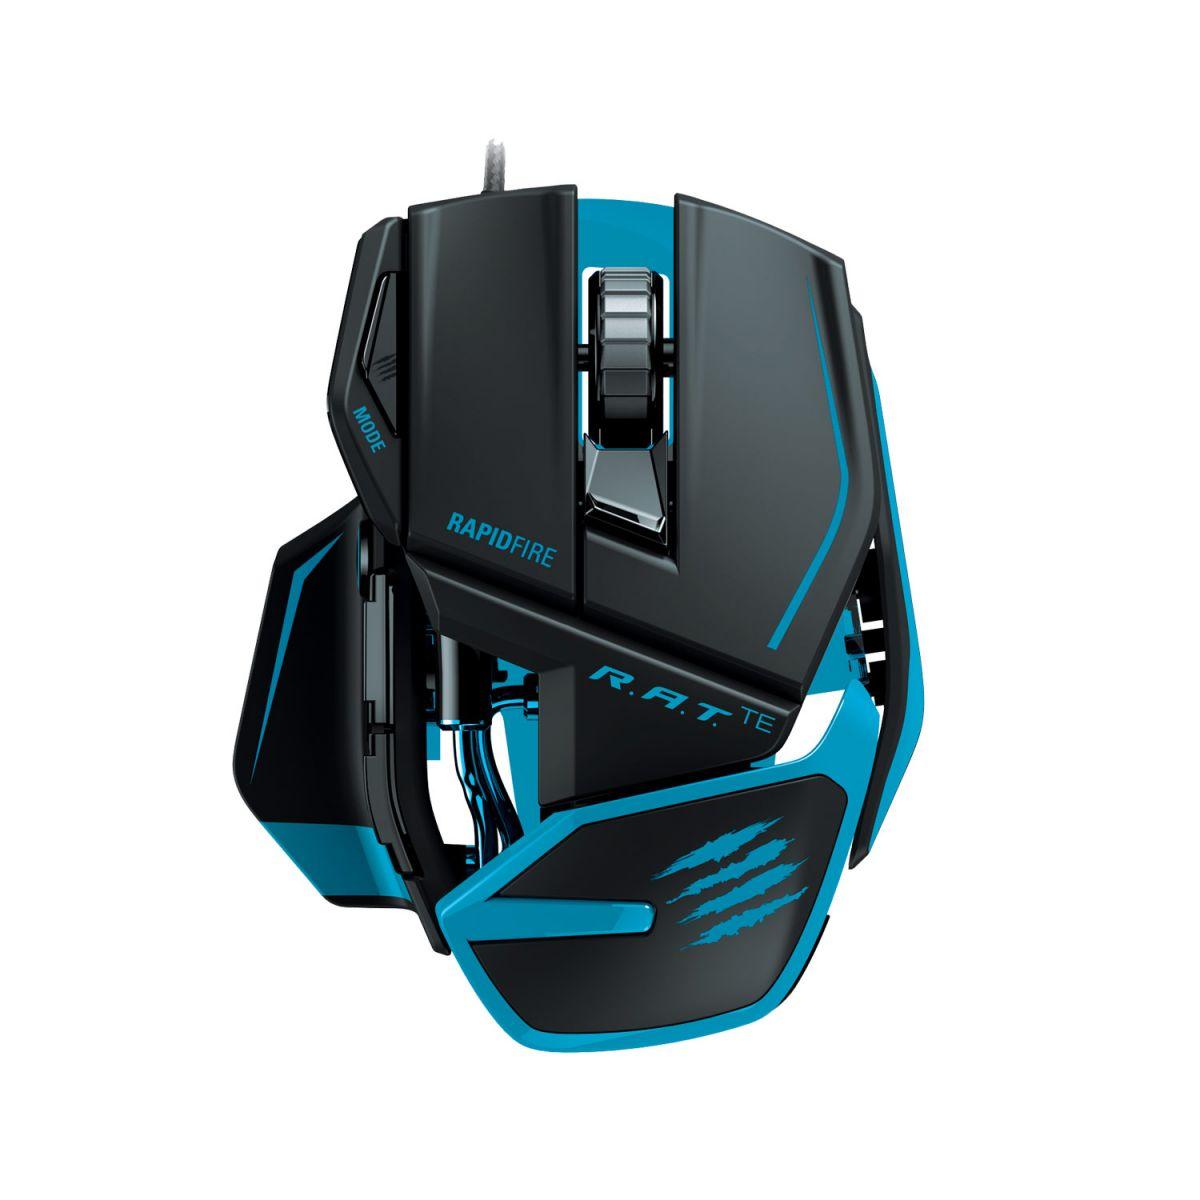 Mouse Gamer Laser Cyborg R.A.T. T.E 8200DPI (Ajustável/Superleve) MCB437040002 -  Mad Catz